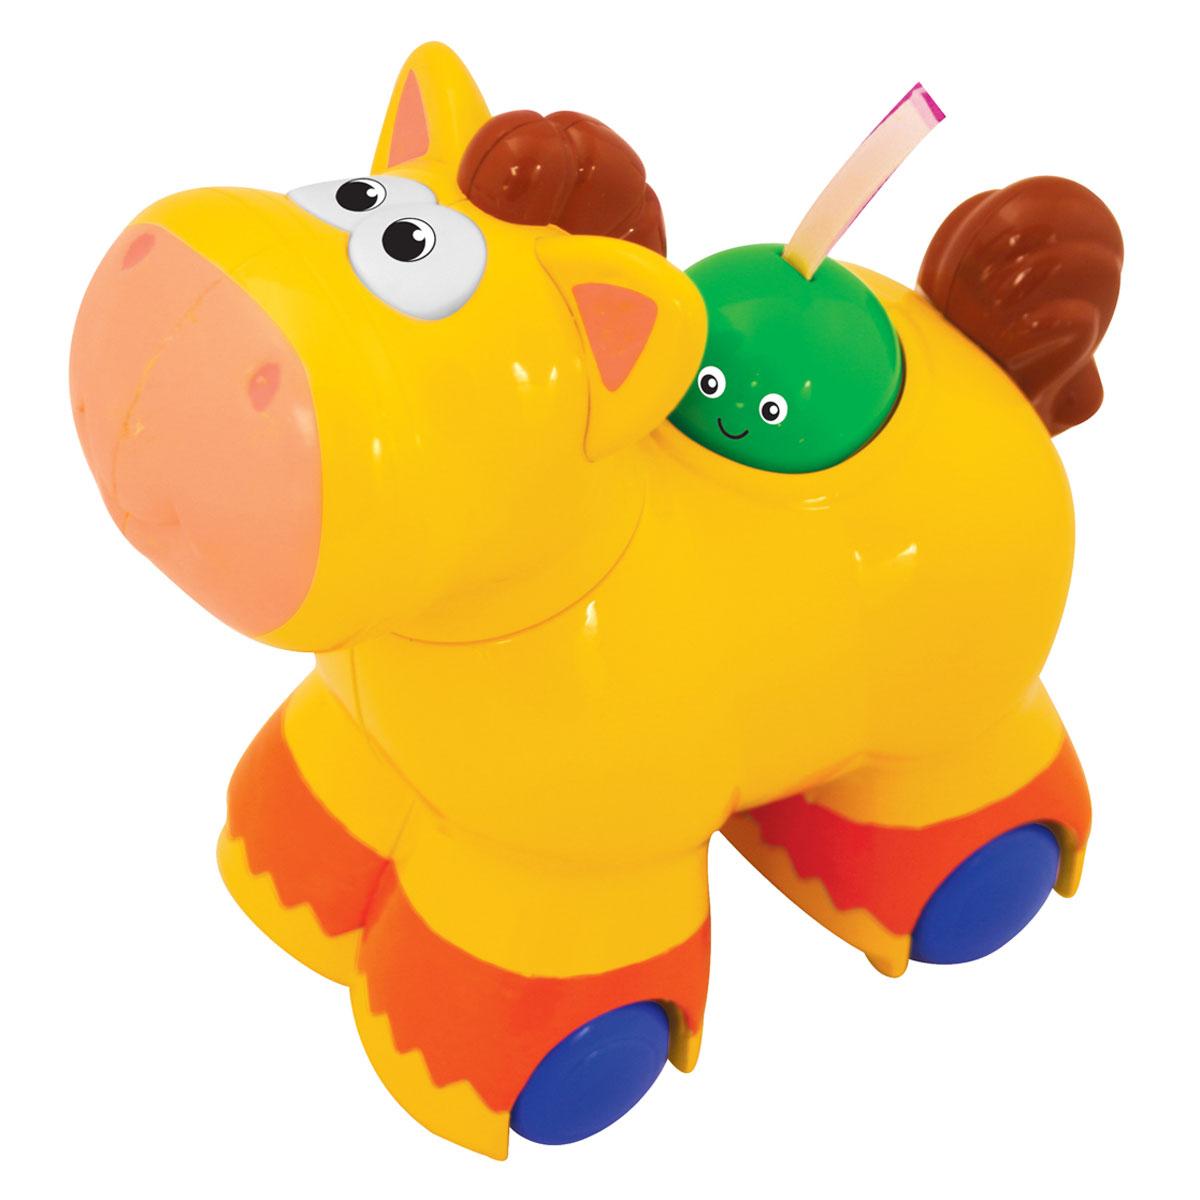 Kiddieland Игрушка-каталка ПониKID 045849Яркая игрушка-каталка Kiddieland Пони со звуковыми эффектами обязательно понравится малышу. Смешная и яркая игрушка-каталка развлечет малыша приятными мелодиями. При нажатии зеленого персонажа на спине лошадки игрушка едет сама, при этом звучат веселые мелодии, ржание, цокот копыт. Также нажатием этого персонажа переключается звук. Голова игрушки поворачивается, при этом раздается забавный треск. Игрушка способствует развитию, мелкой моторики, цветовосприятия, воображения и творческого мышления. Рекомендуемый возраст: от 12 месяцев. Питание: 2 батарейки типа АА (входят в комплект).